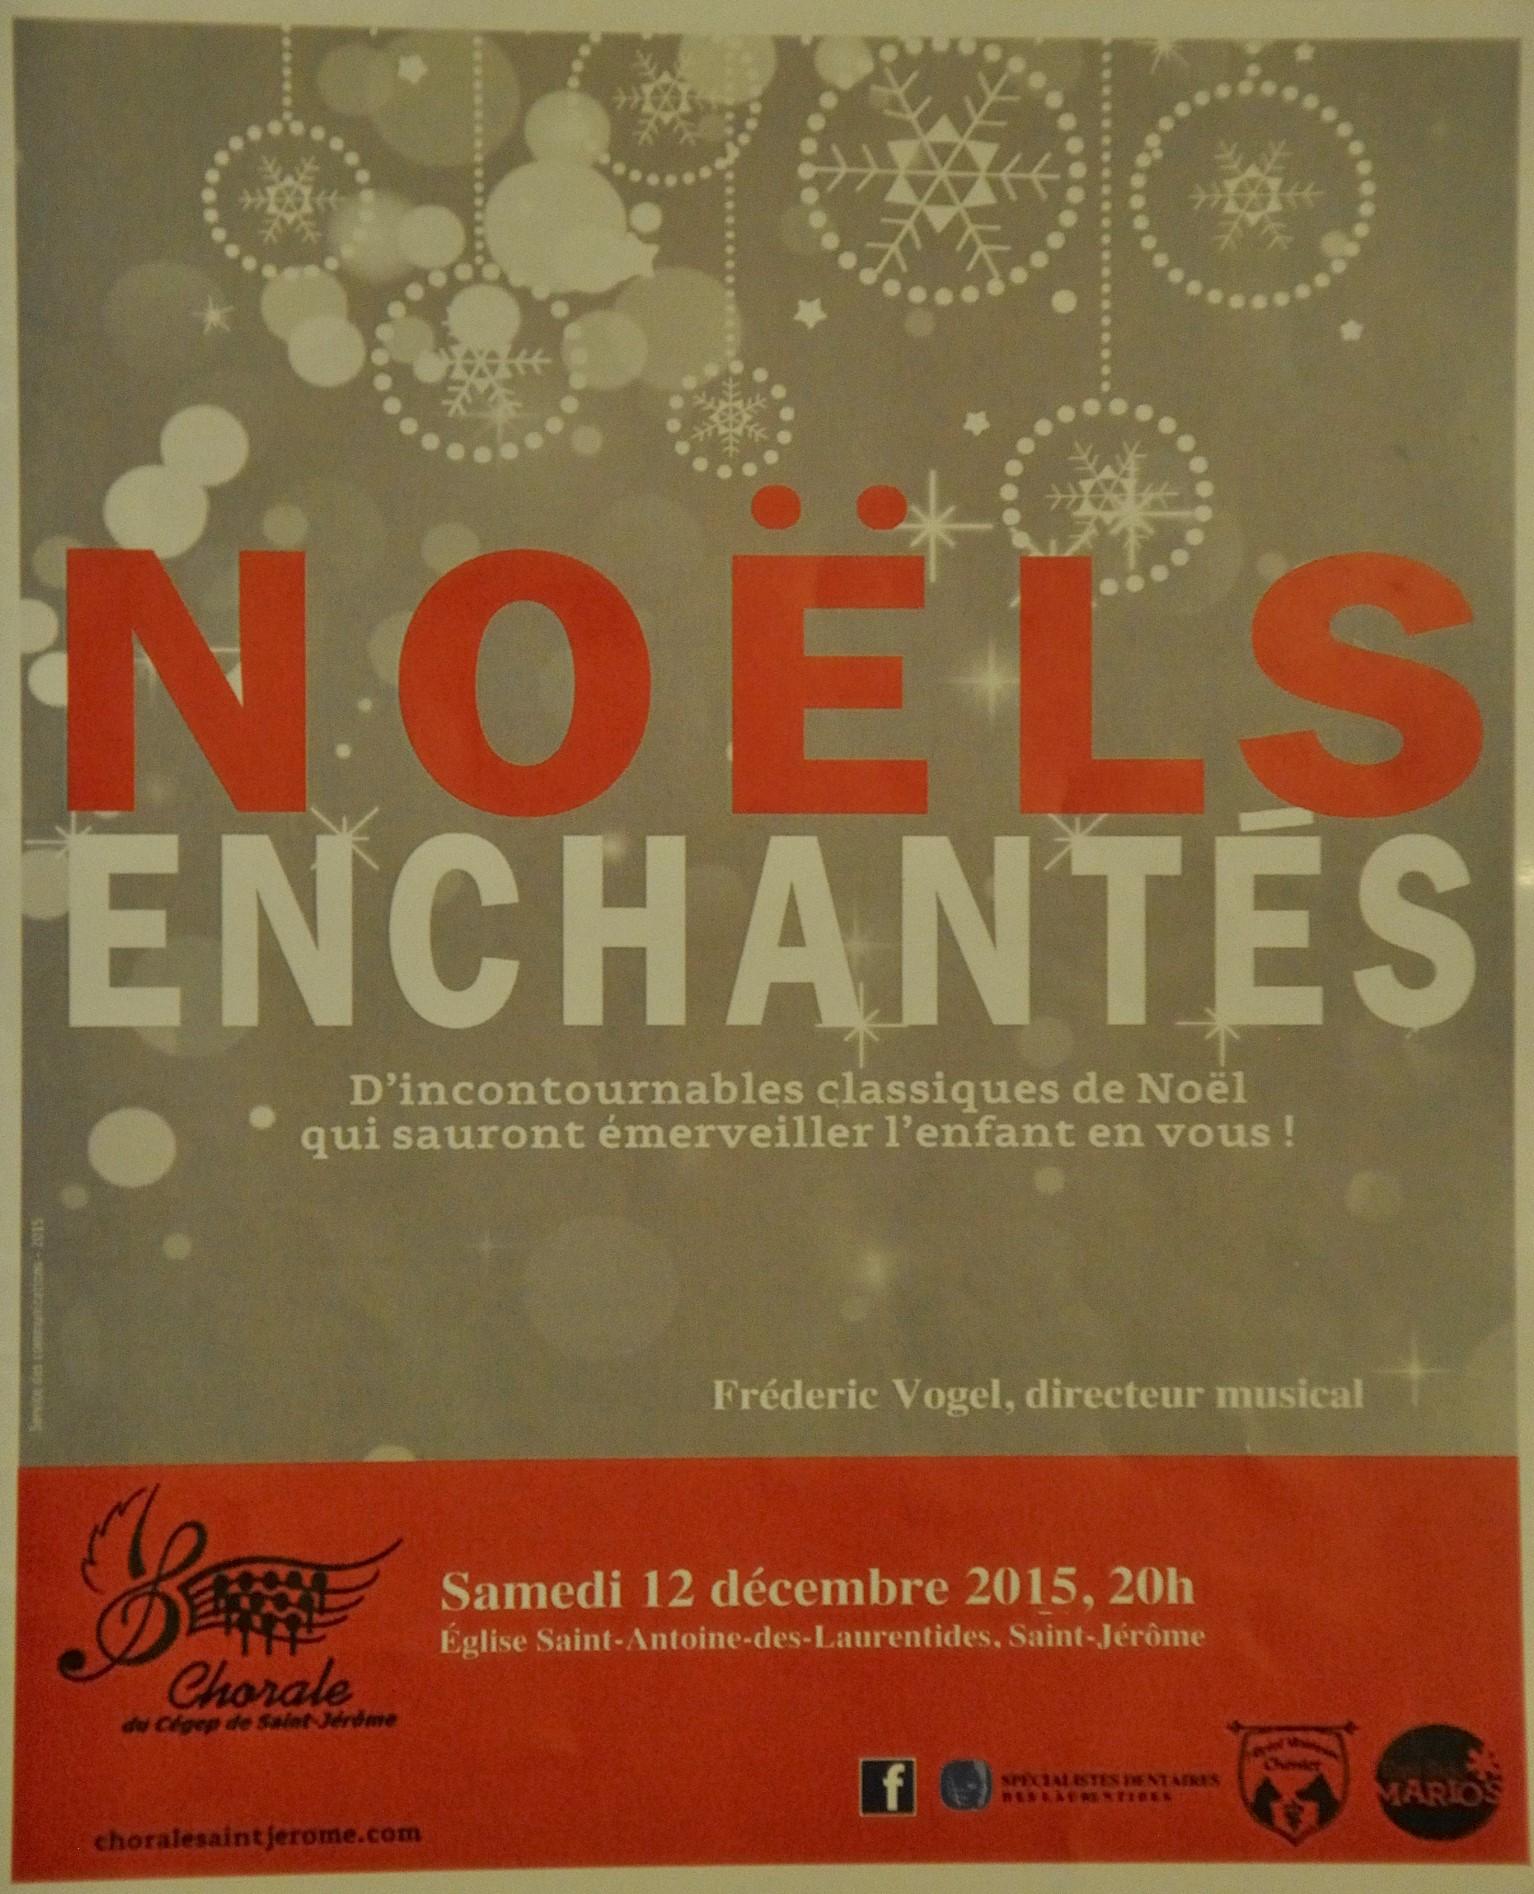 2015-12 décembre Noëls enchantés